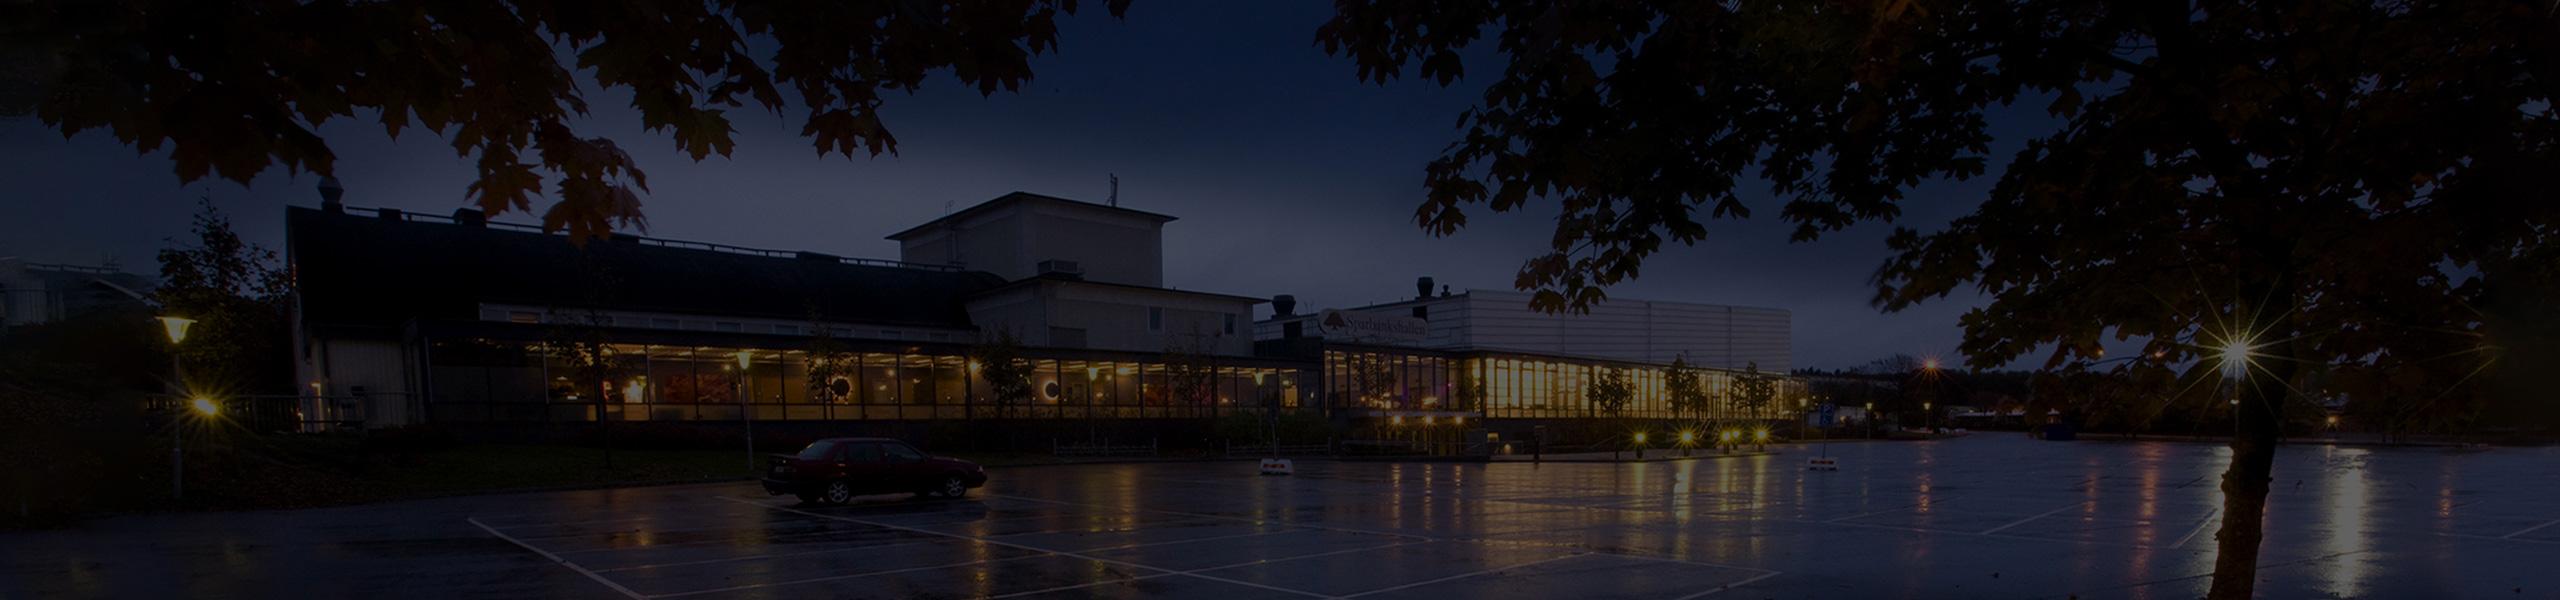 Arena Varberg Arena Varberg